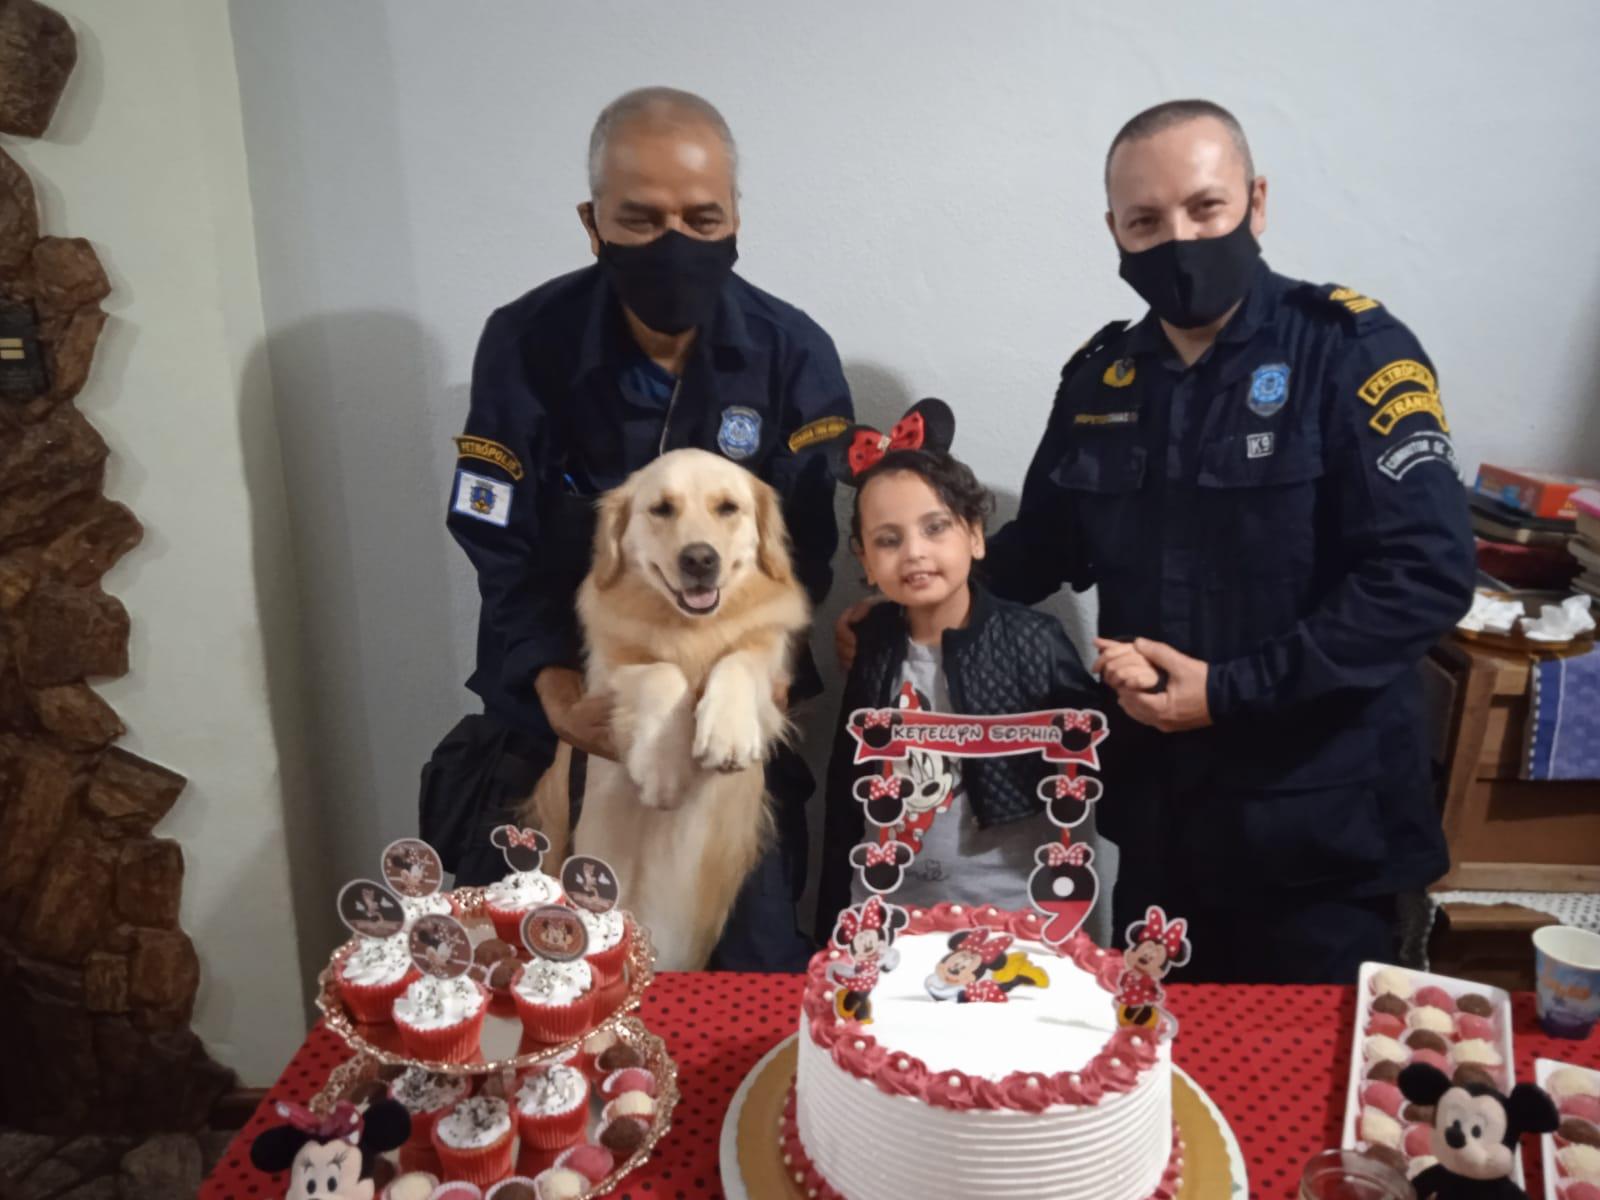 Guarda Civil de Petrópolis participa de festa. (Foto: Divulgação)